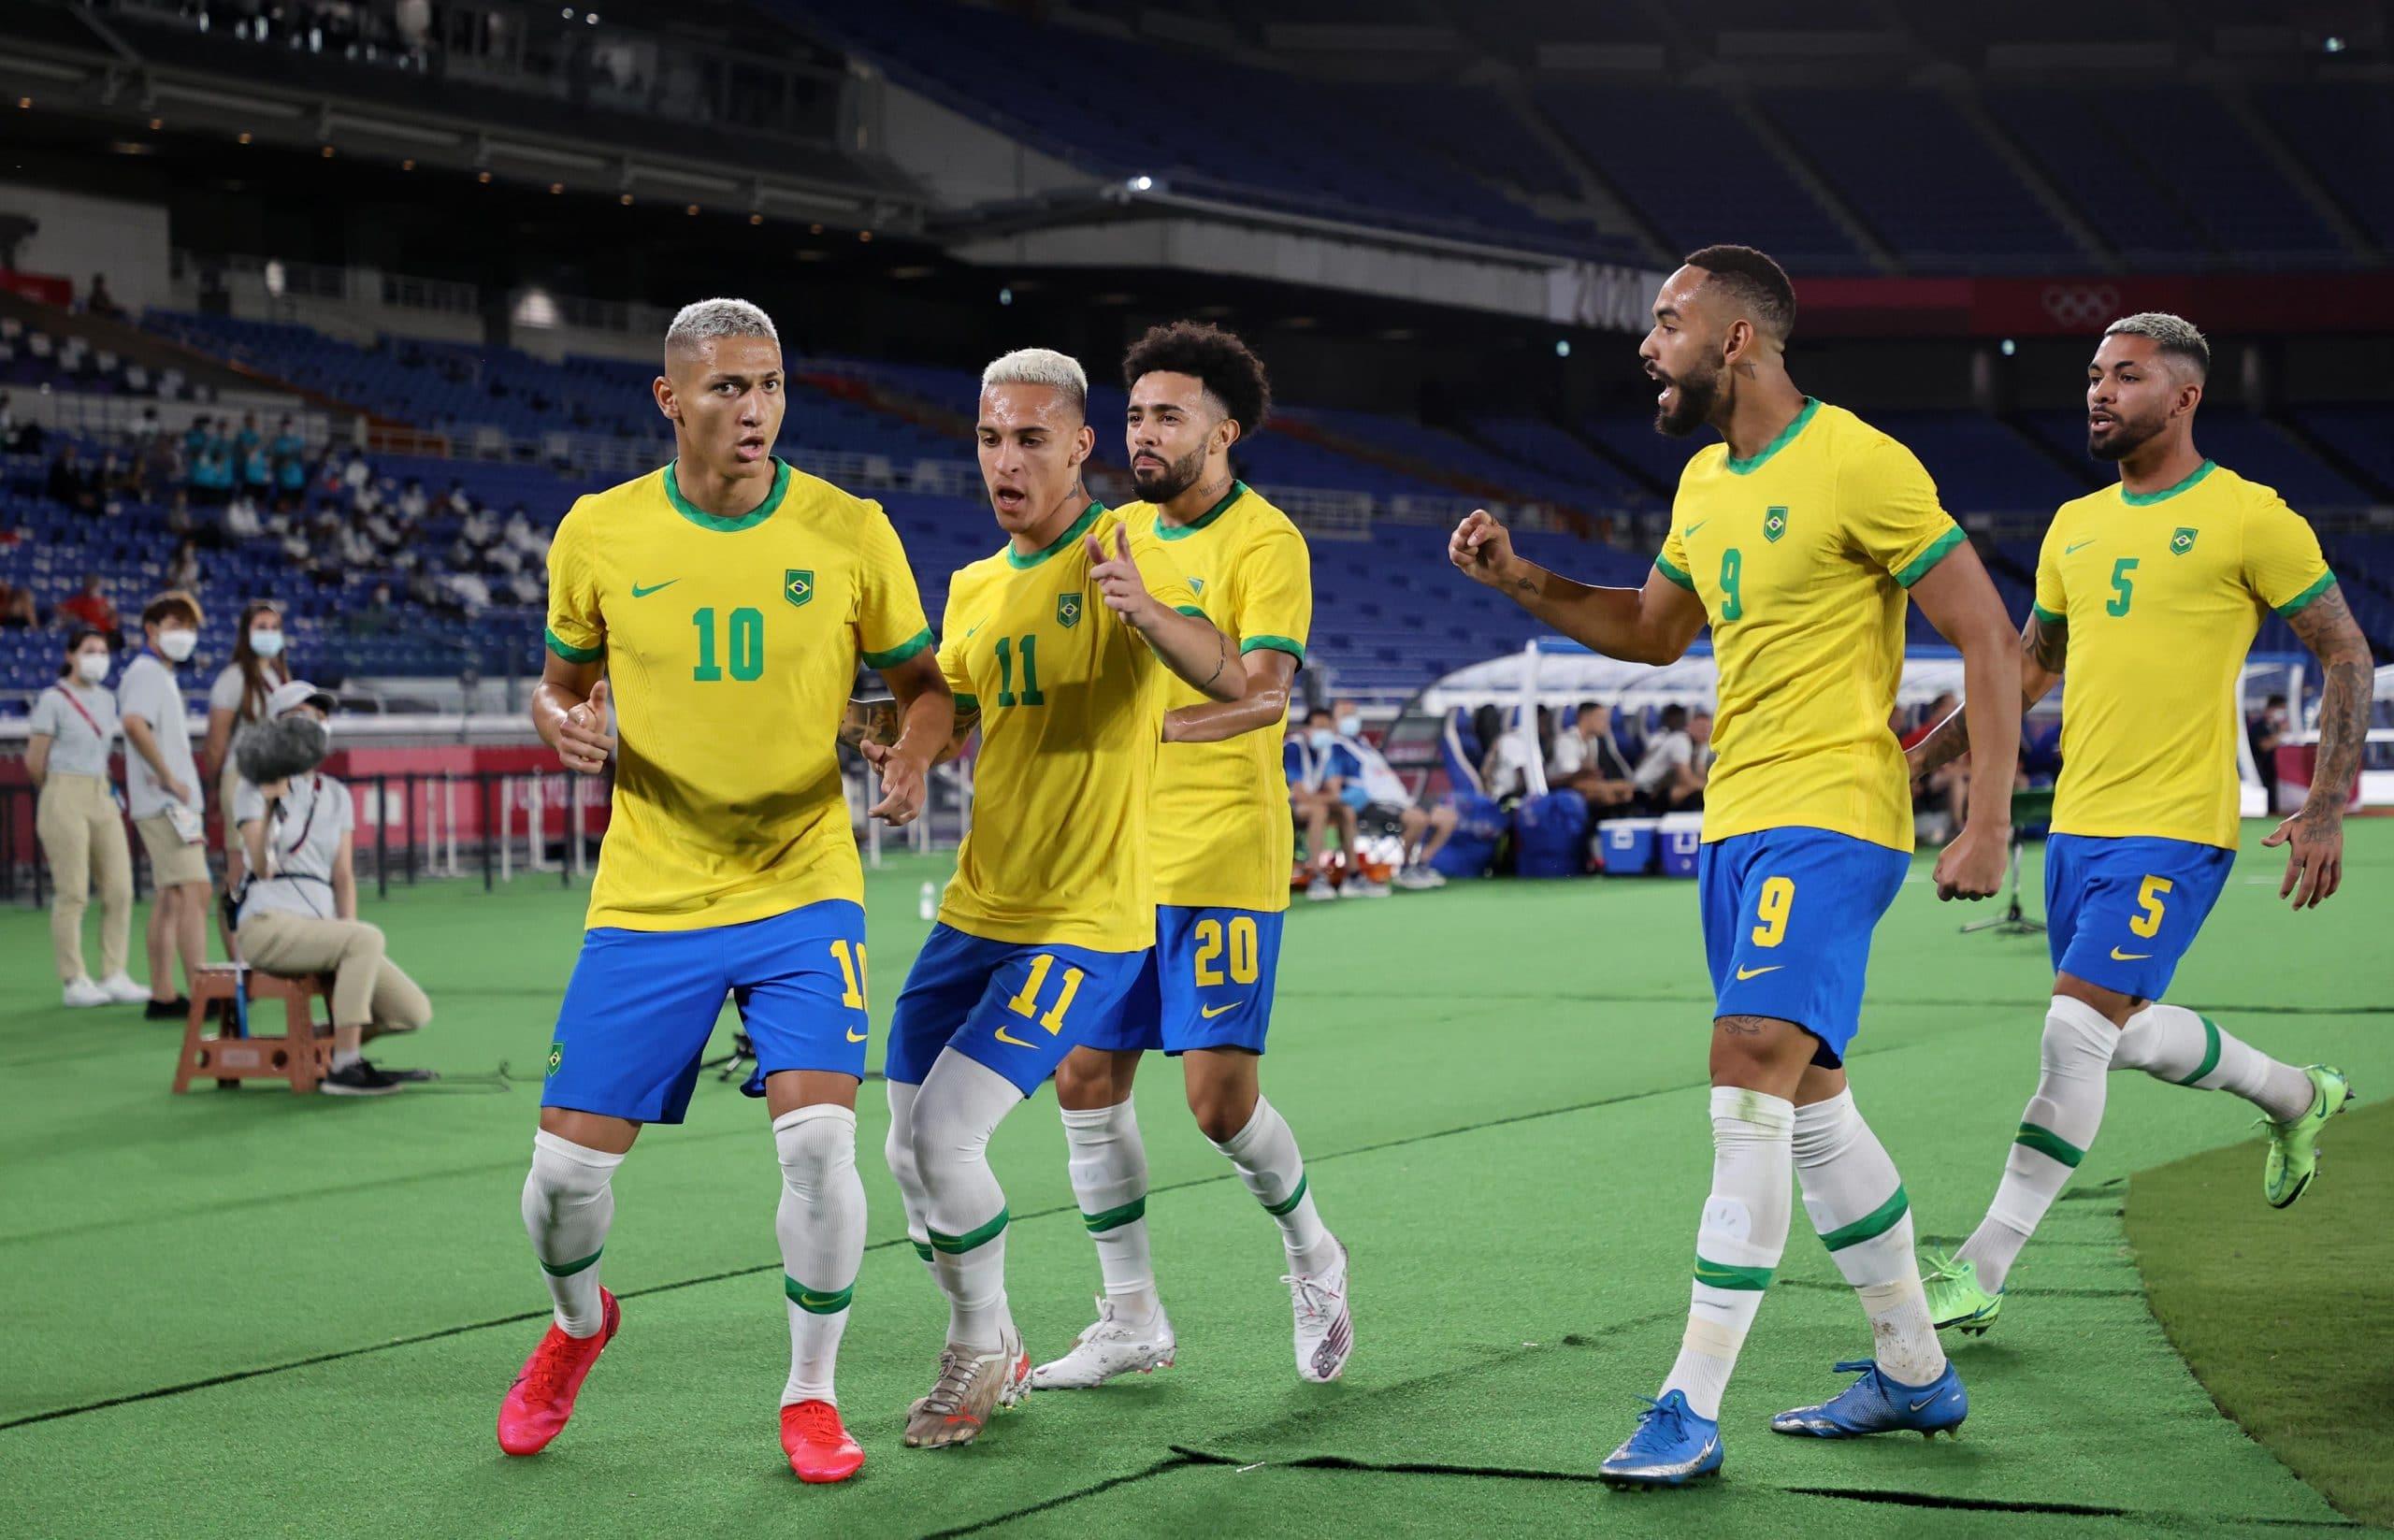 مباراة مباراة منتخب البرازيل والمكسيك